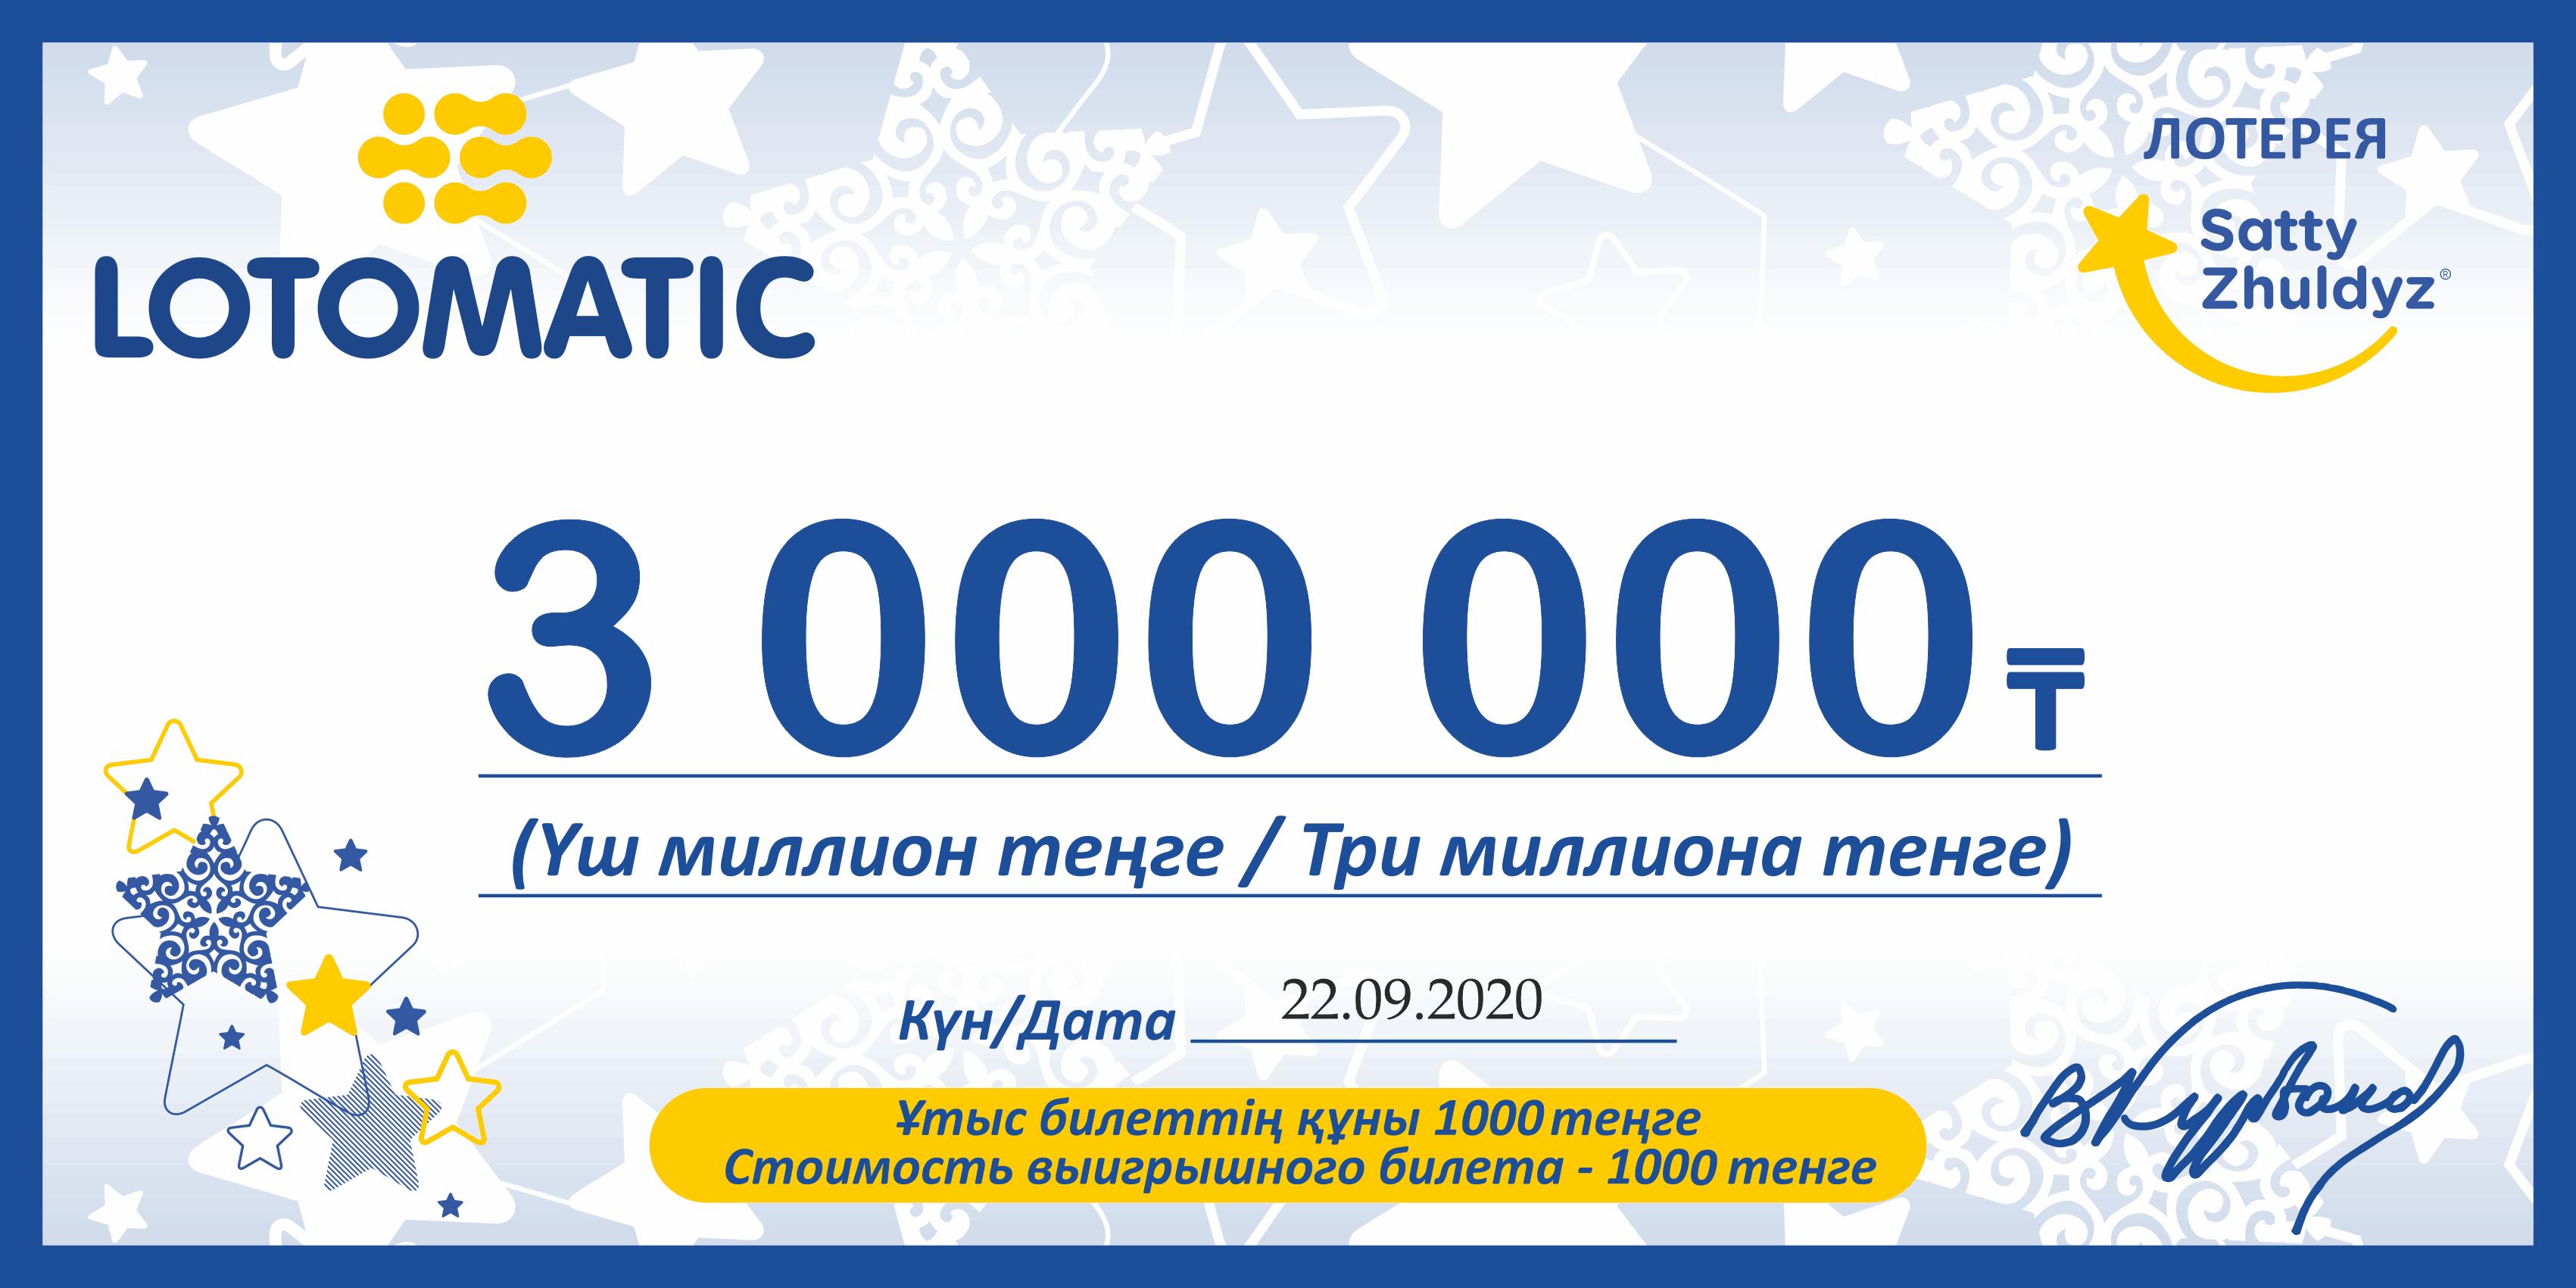 «Лотоматикалық» жедел электронды лотереясының жеңімпазы 3 000 000 миллион теңгені ұтып алды!